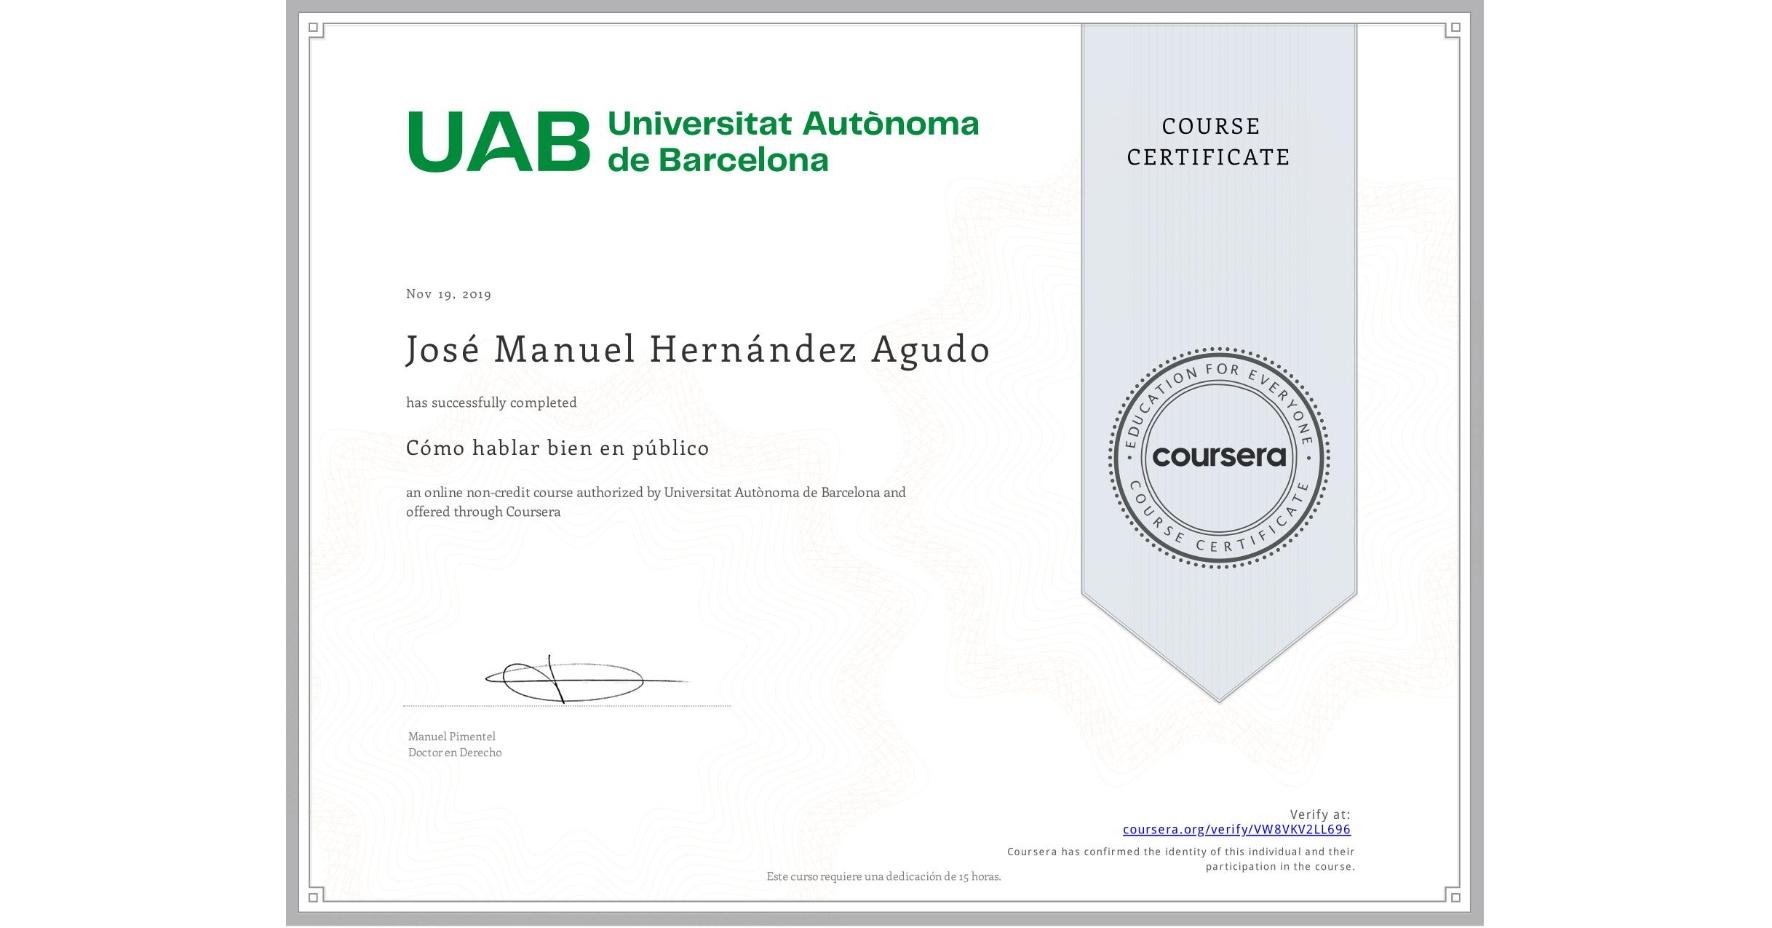 View certificate for José Manuel  Hernández Agudo, Cómo hablar bien en público, an online non-credit course authorized by Universitat Autònoma de Barcelona and offered through Coursera